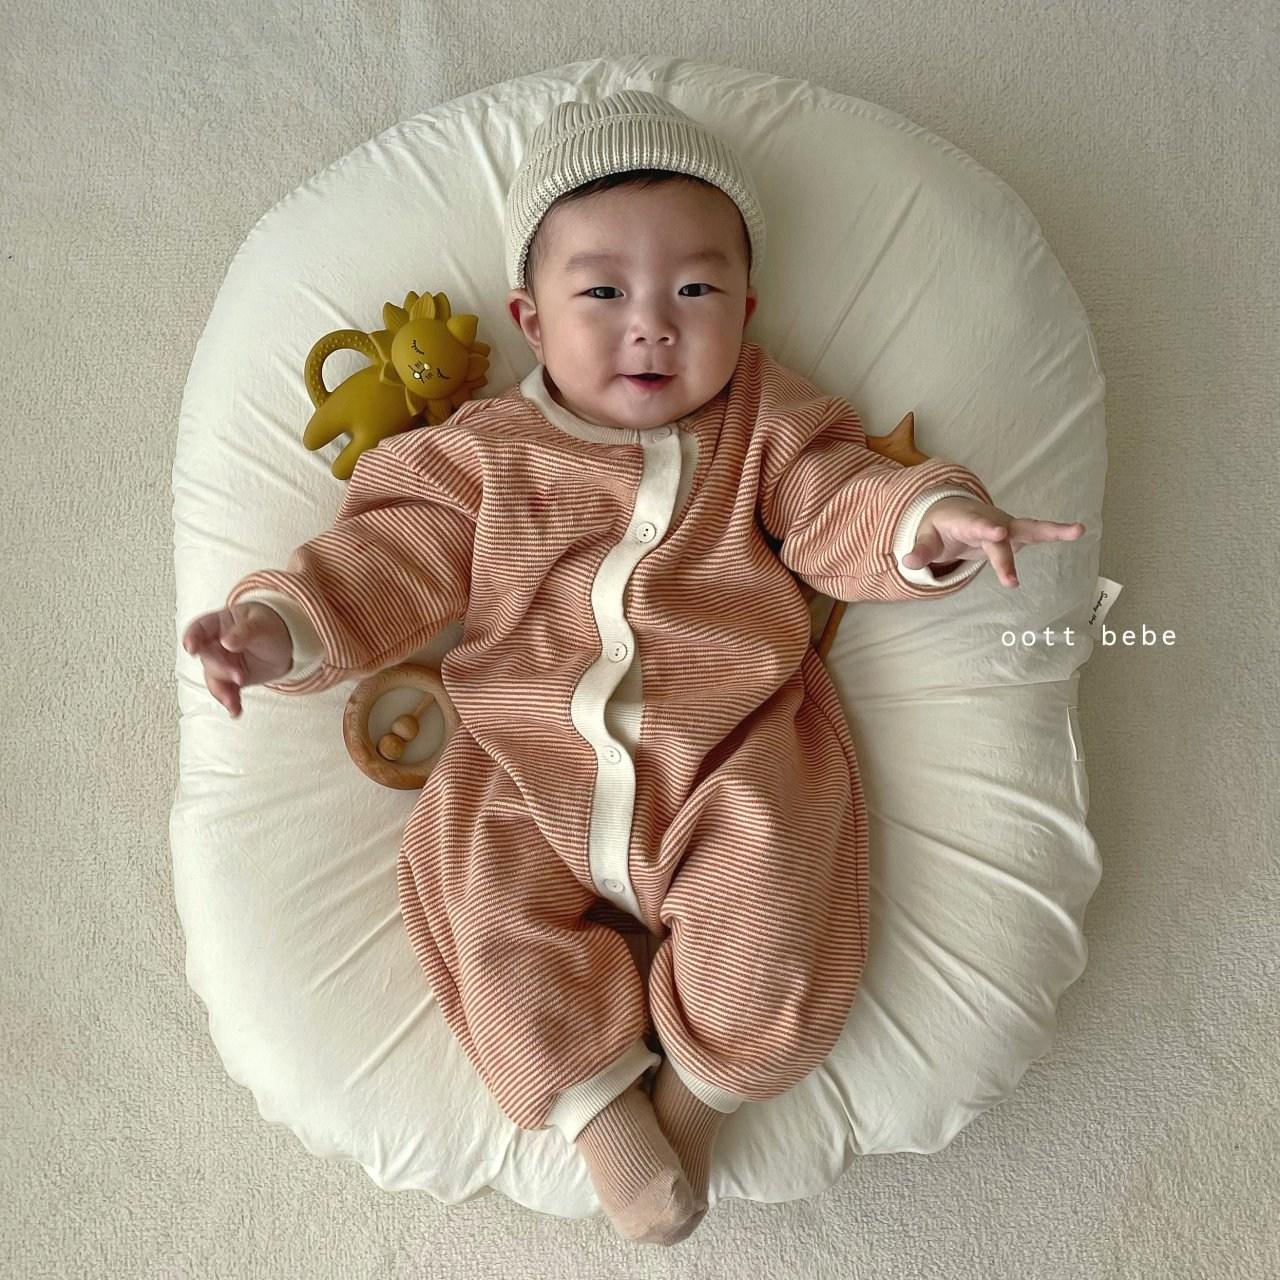 콩알옹알 트러플 우주복 아기 50일 100일 촬영 신생아 봄 출산선물 전신 바디슈트